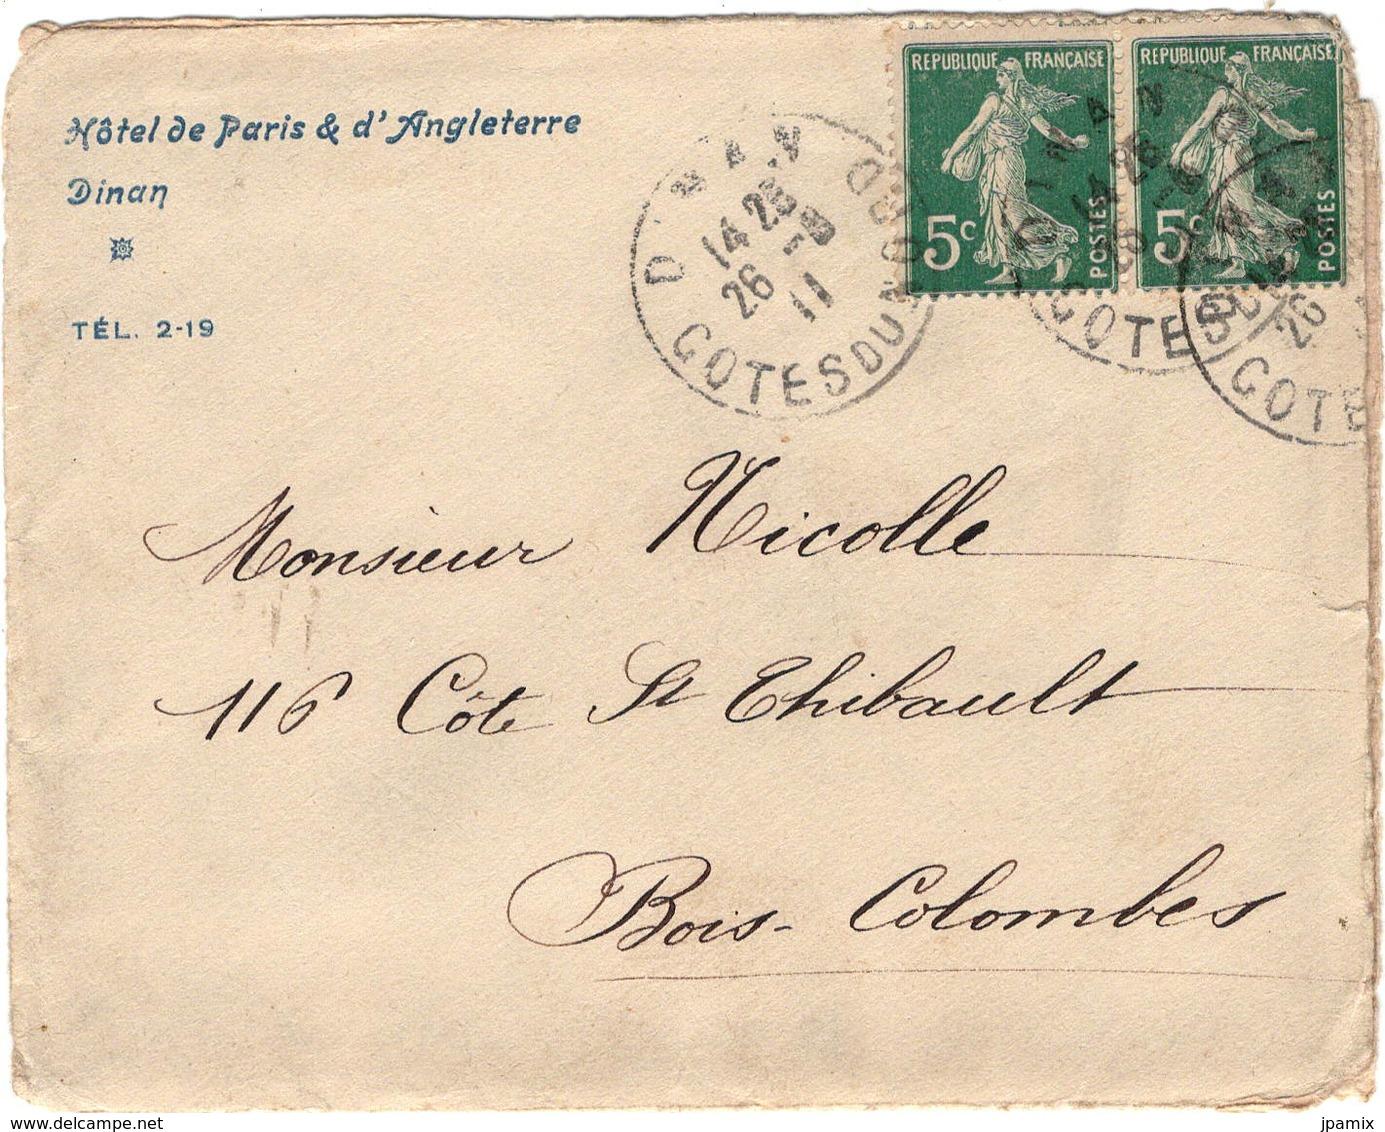 Enveloppe Timbrée Avec Entête Publicitaire : Hôtel De Paris & D'Angleterre à Dinan 1911 - Vieux Papiers